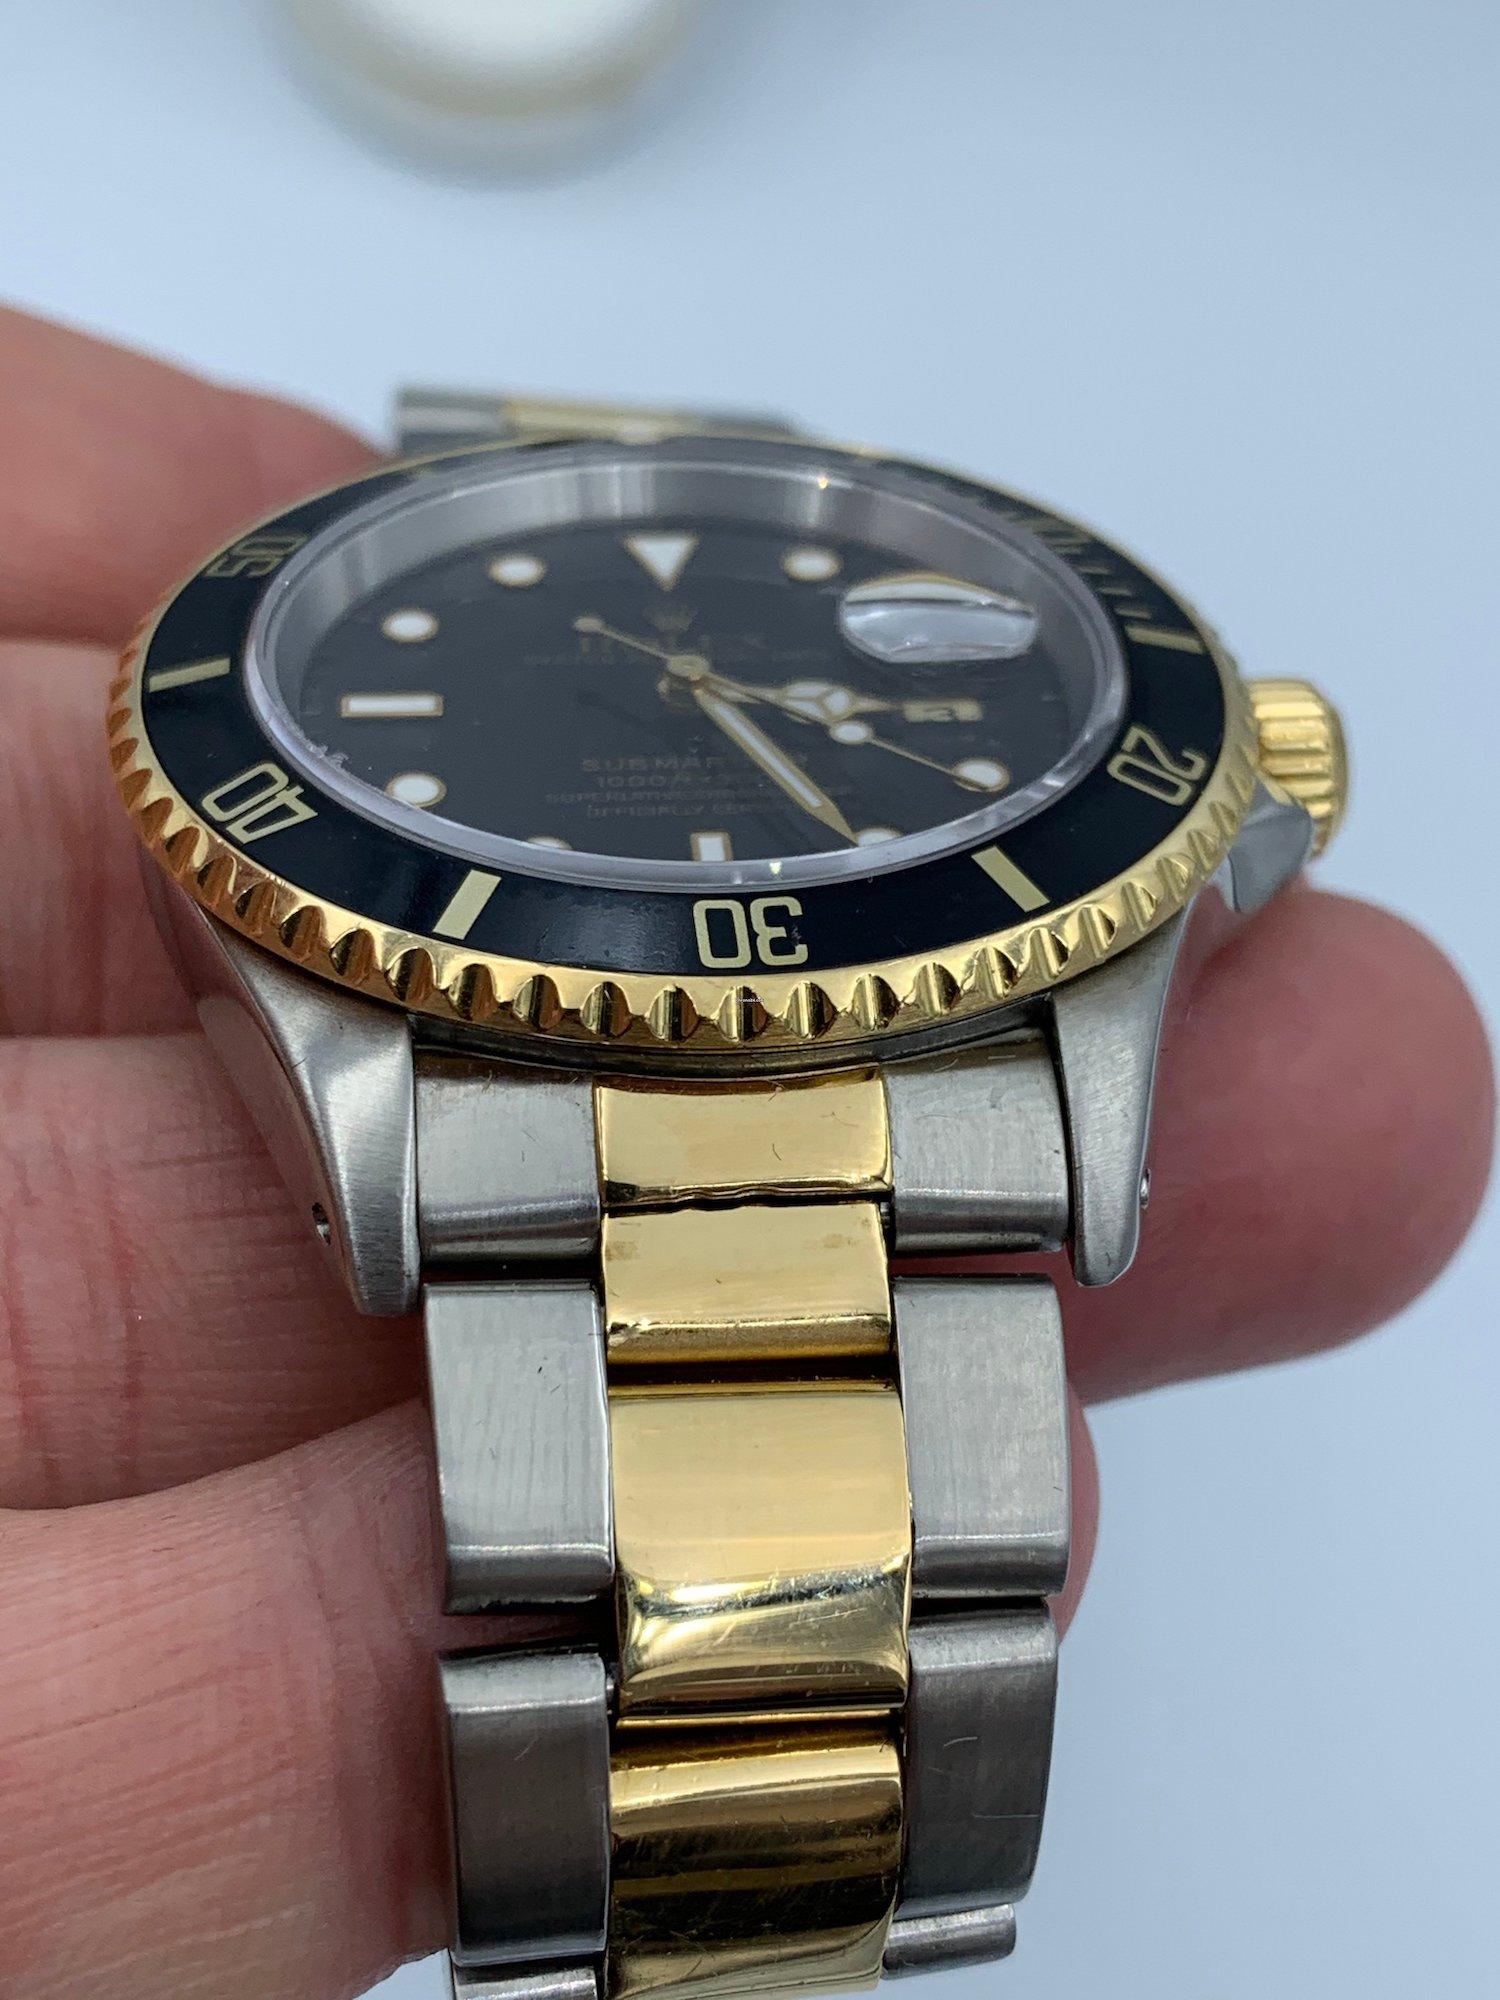 Rolex Submariner 16613 pulido 3